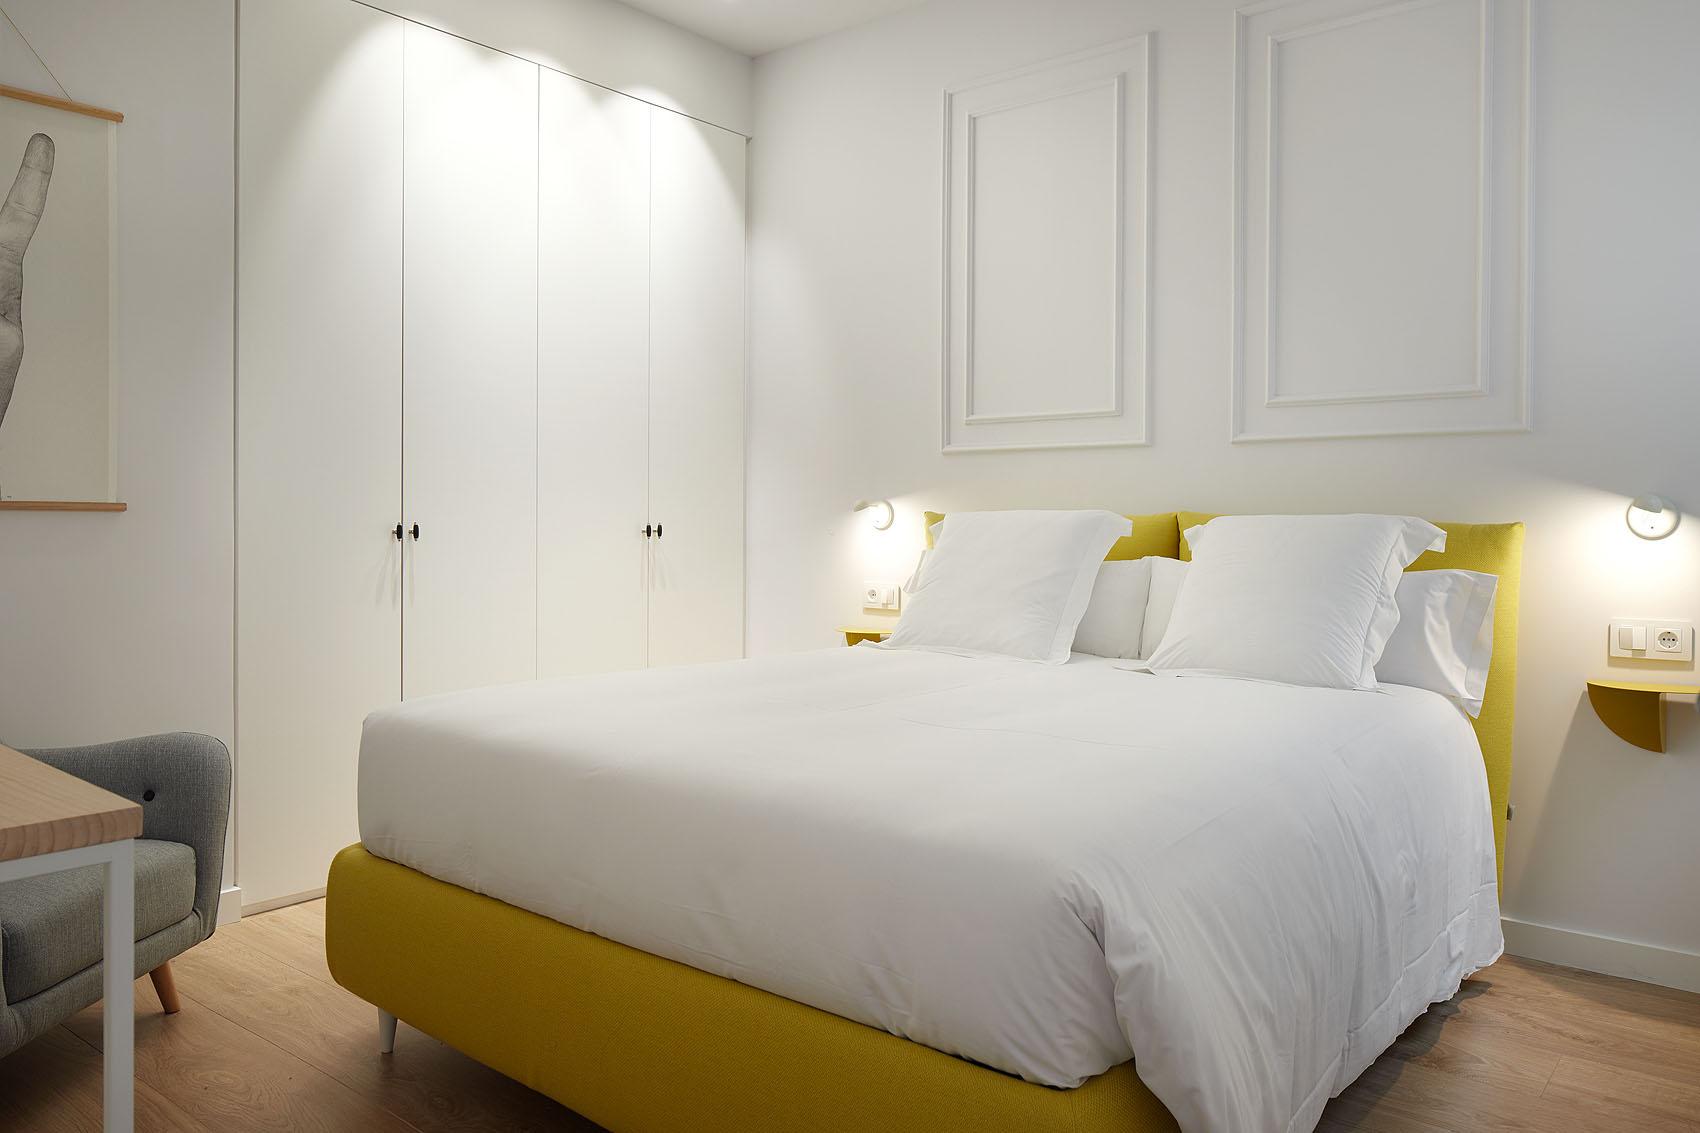 Apartamento Wiesbaden - Iñaki Caperochipi - Fotografía